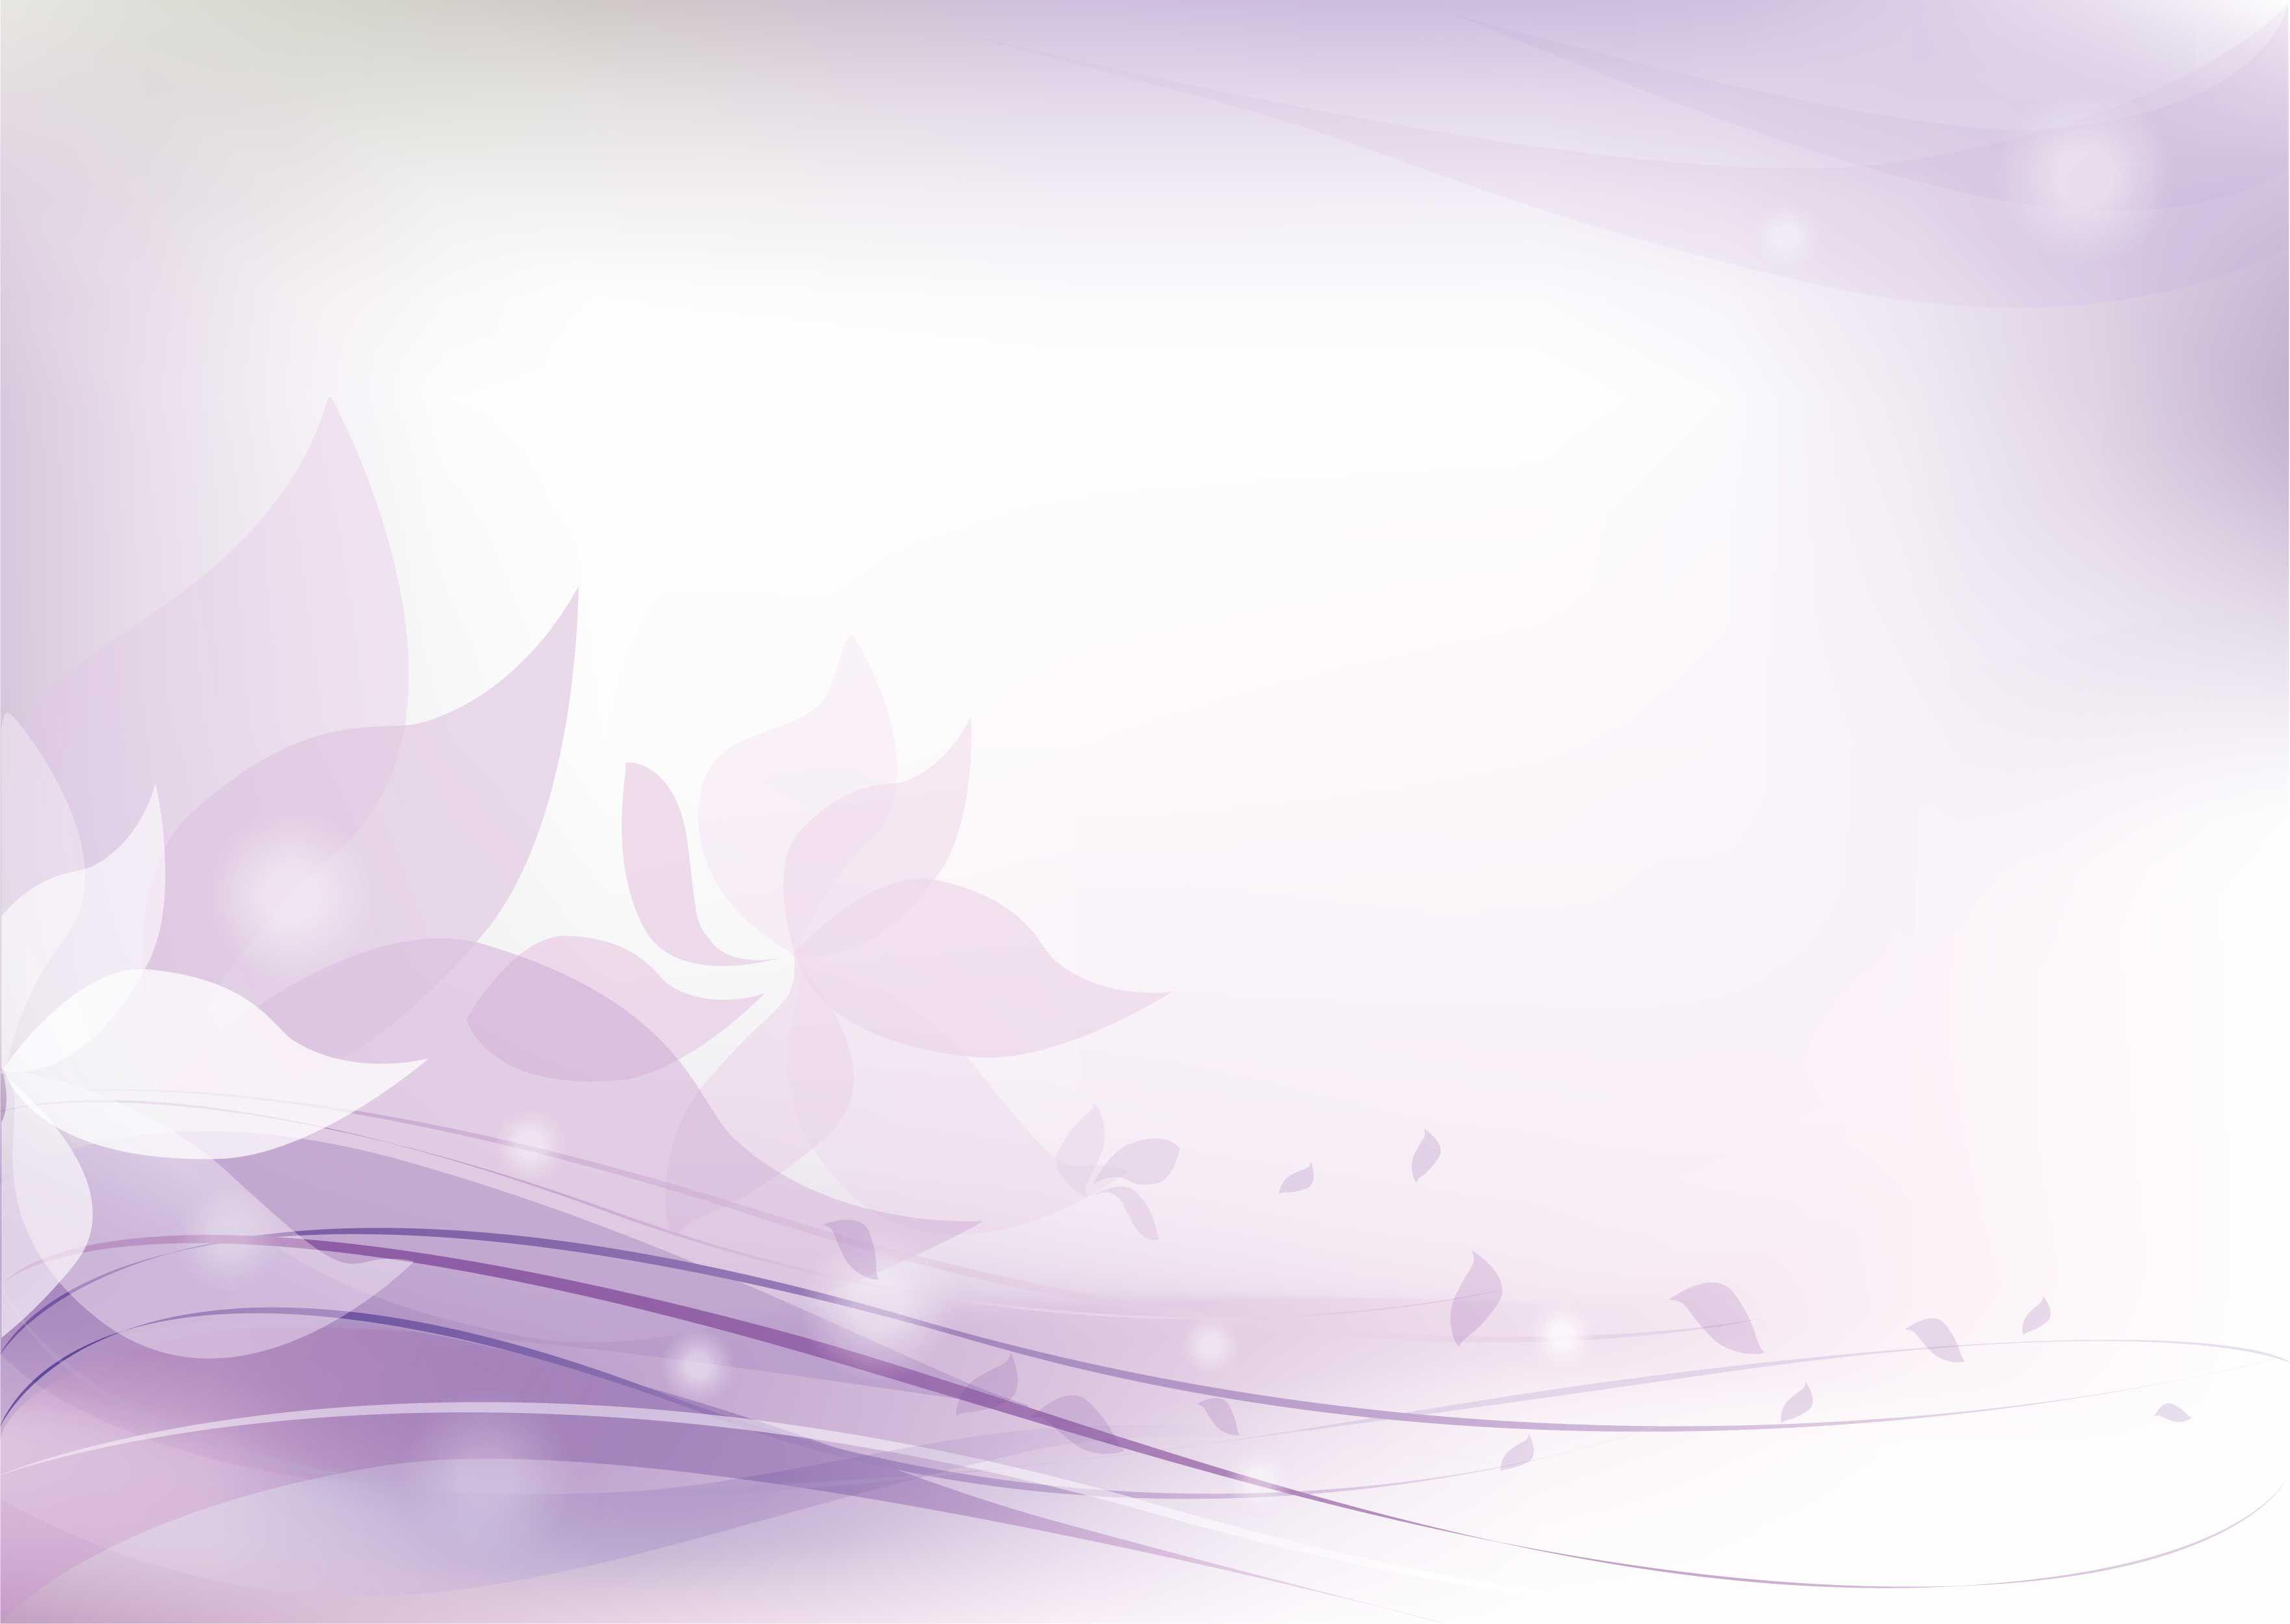 花の背景 壁紙イラスト 紫 花びら 淡い光彩 綺麗なイラスト壁紙